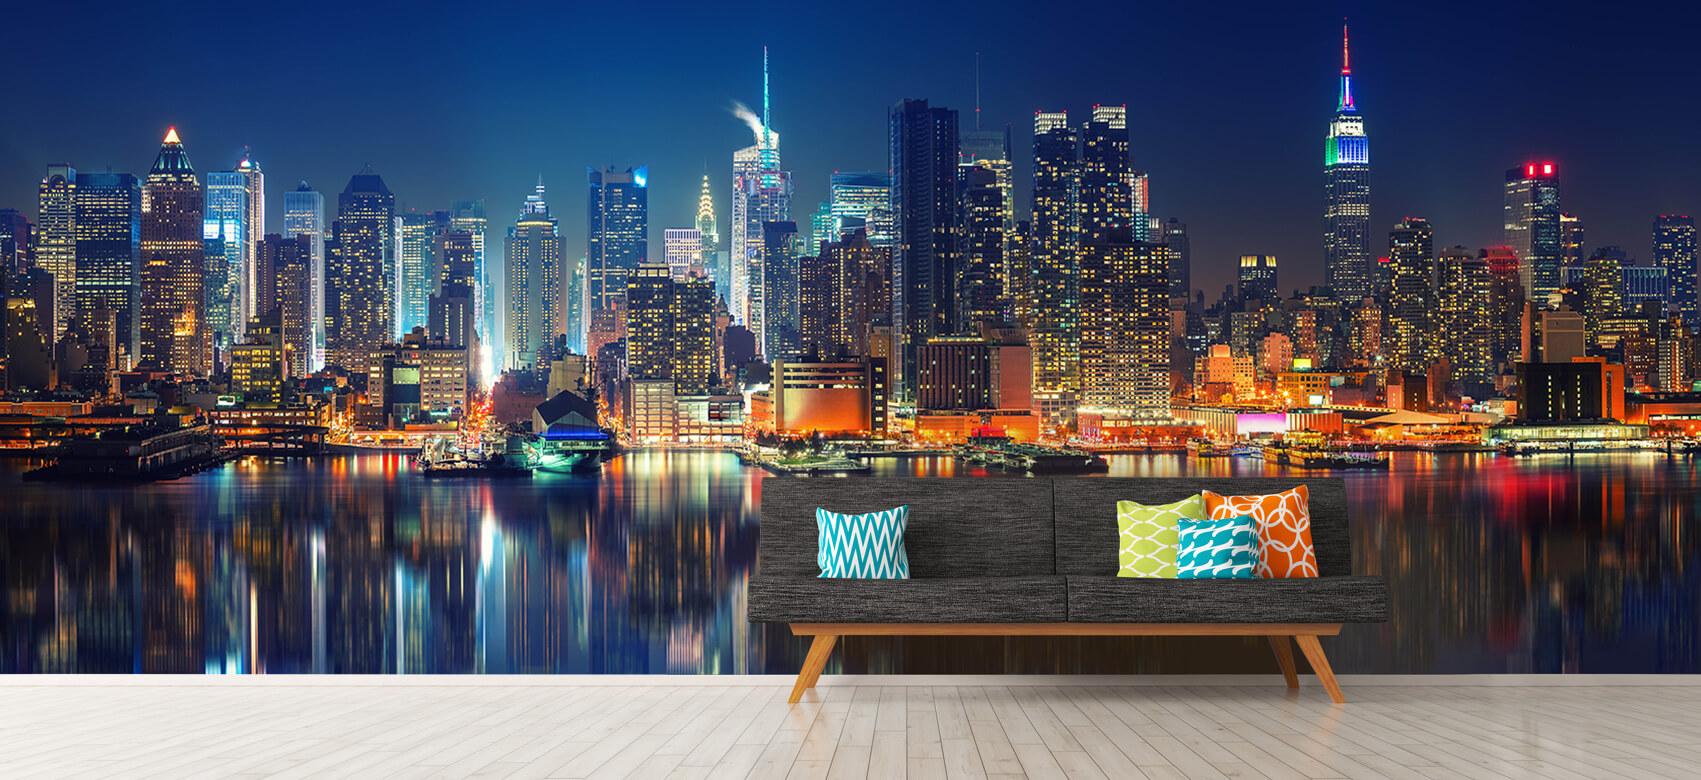 World & Cities Photo wallpaper New York skyline at night 12